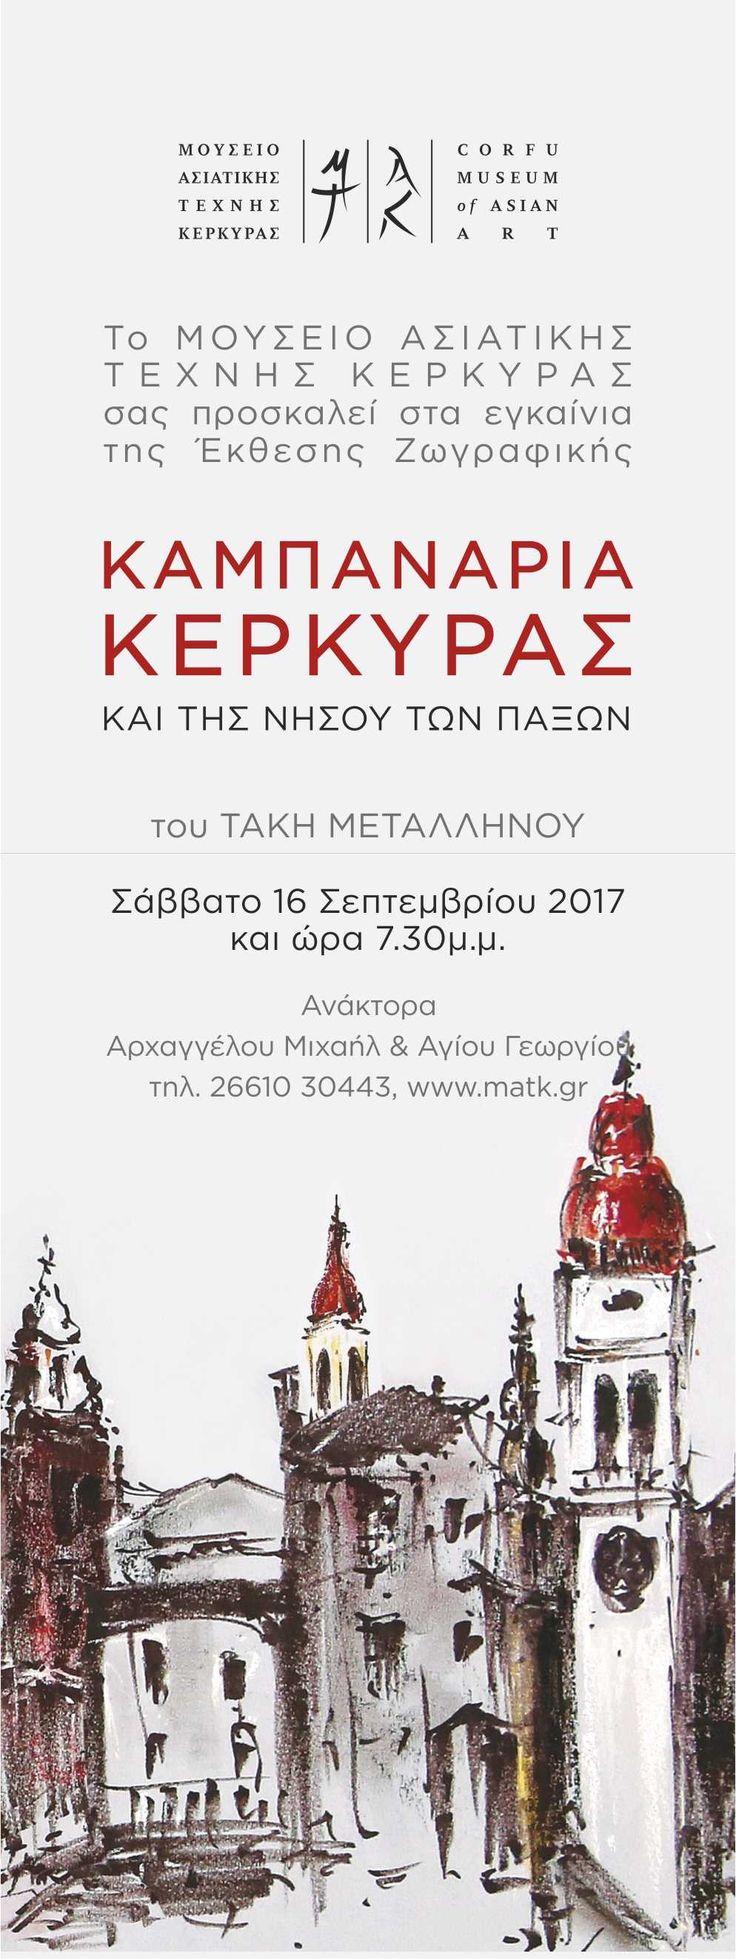 """Έκθεση ζωγραφικής """"Καμπαναριά Κέρκυρας και της νήσου των Παξών"""" του Τάκη Μεταλληνού"""